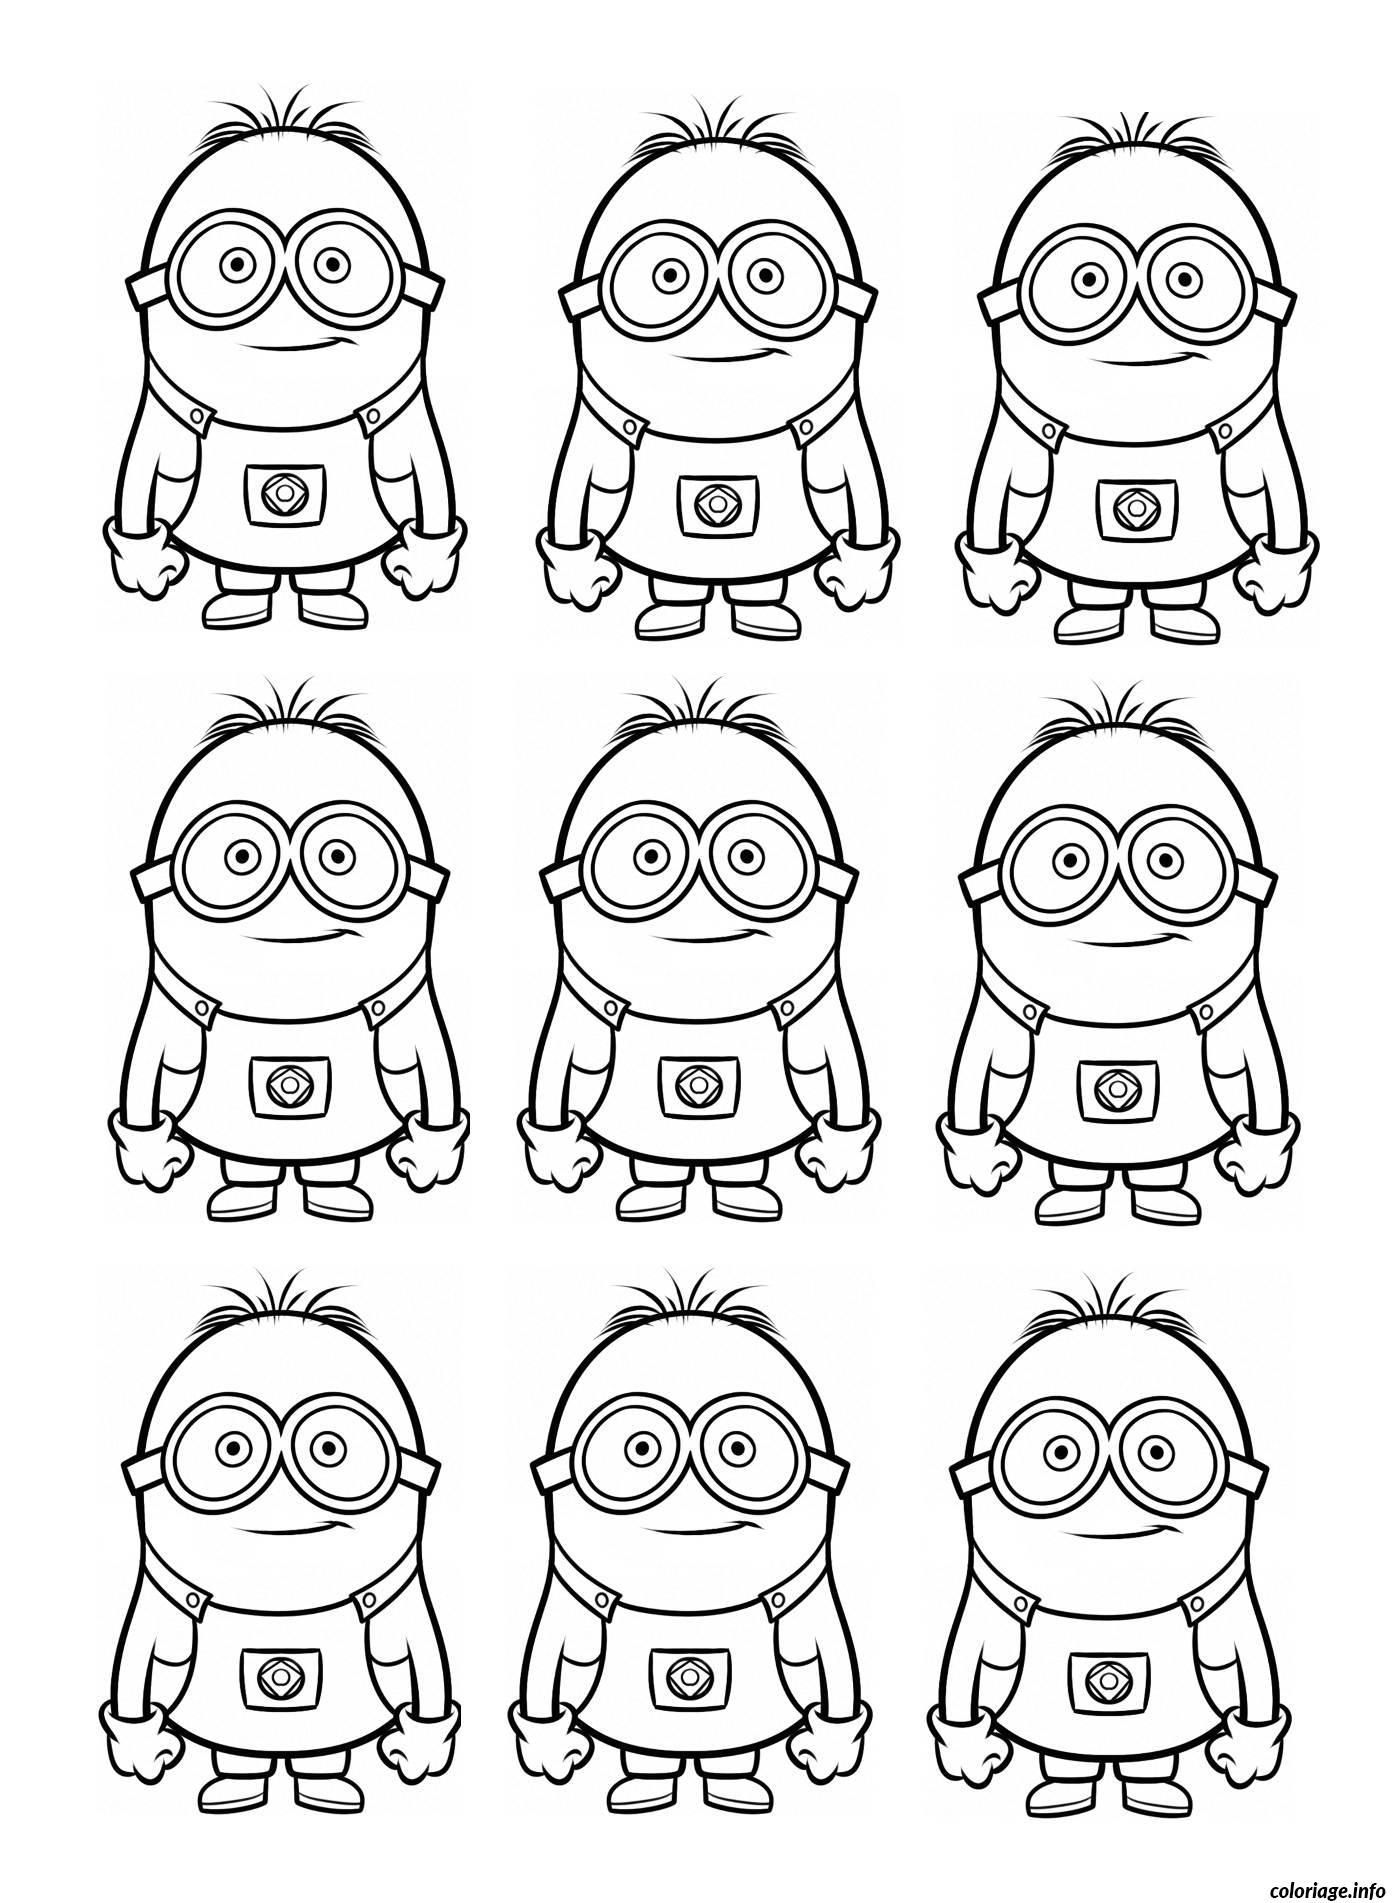 Coloriage Dessin Neuf Minions dessin